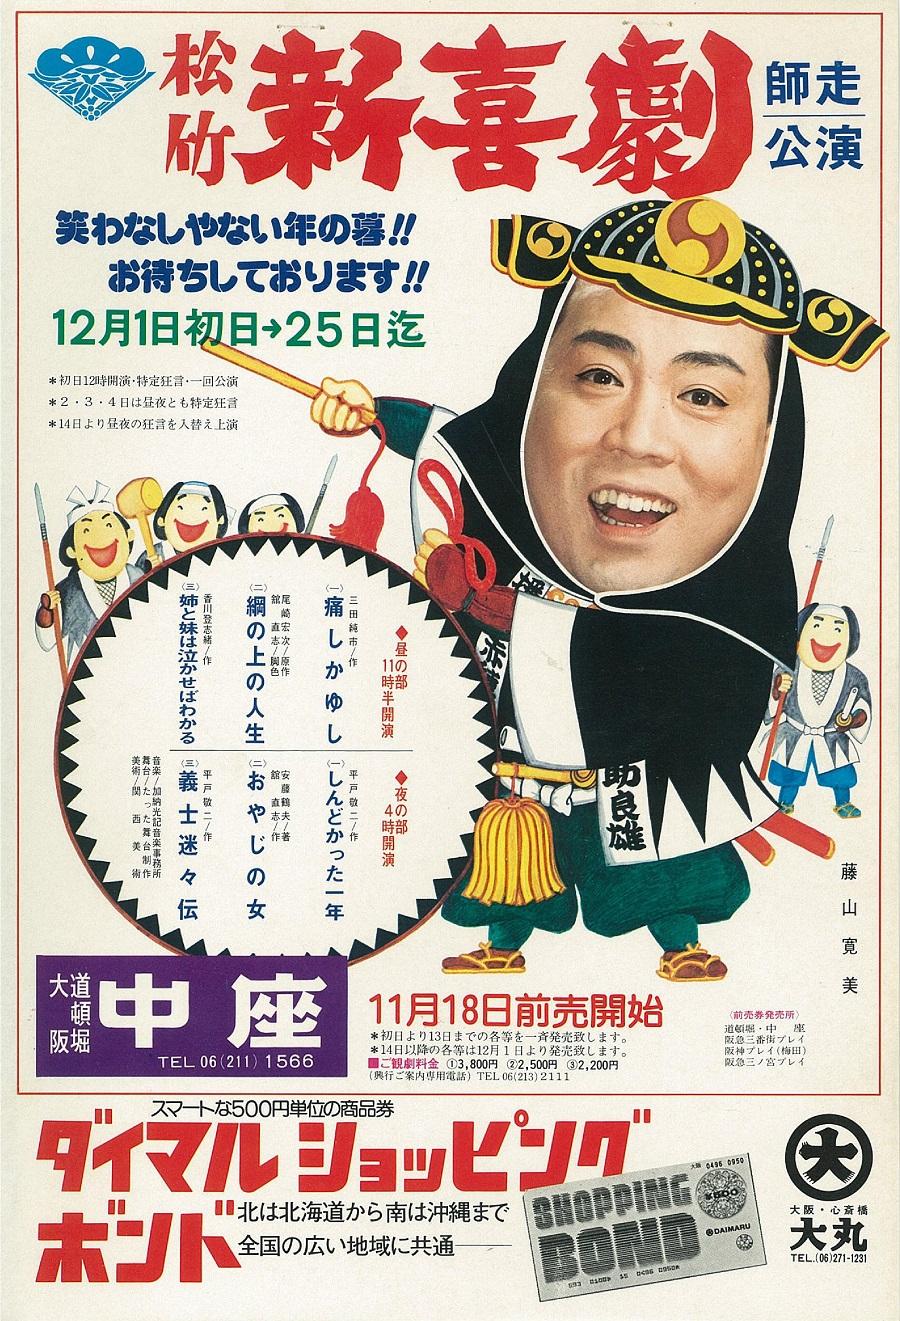 【中座】松竹新喜劇